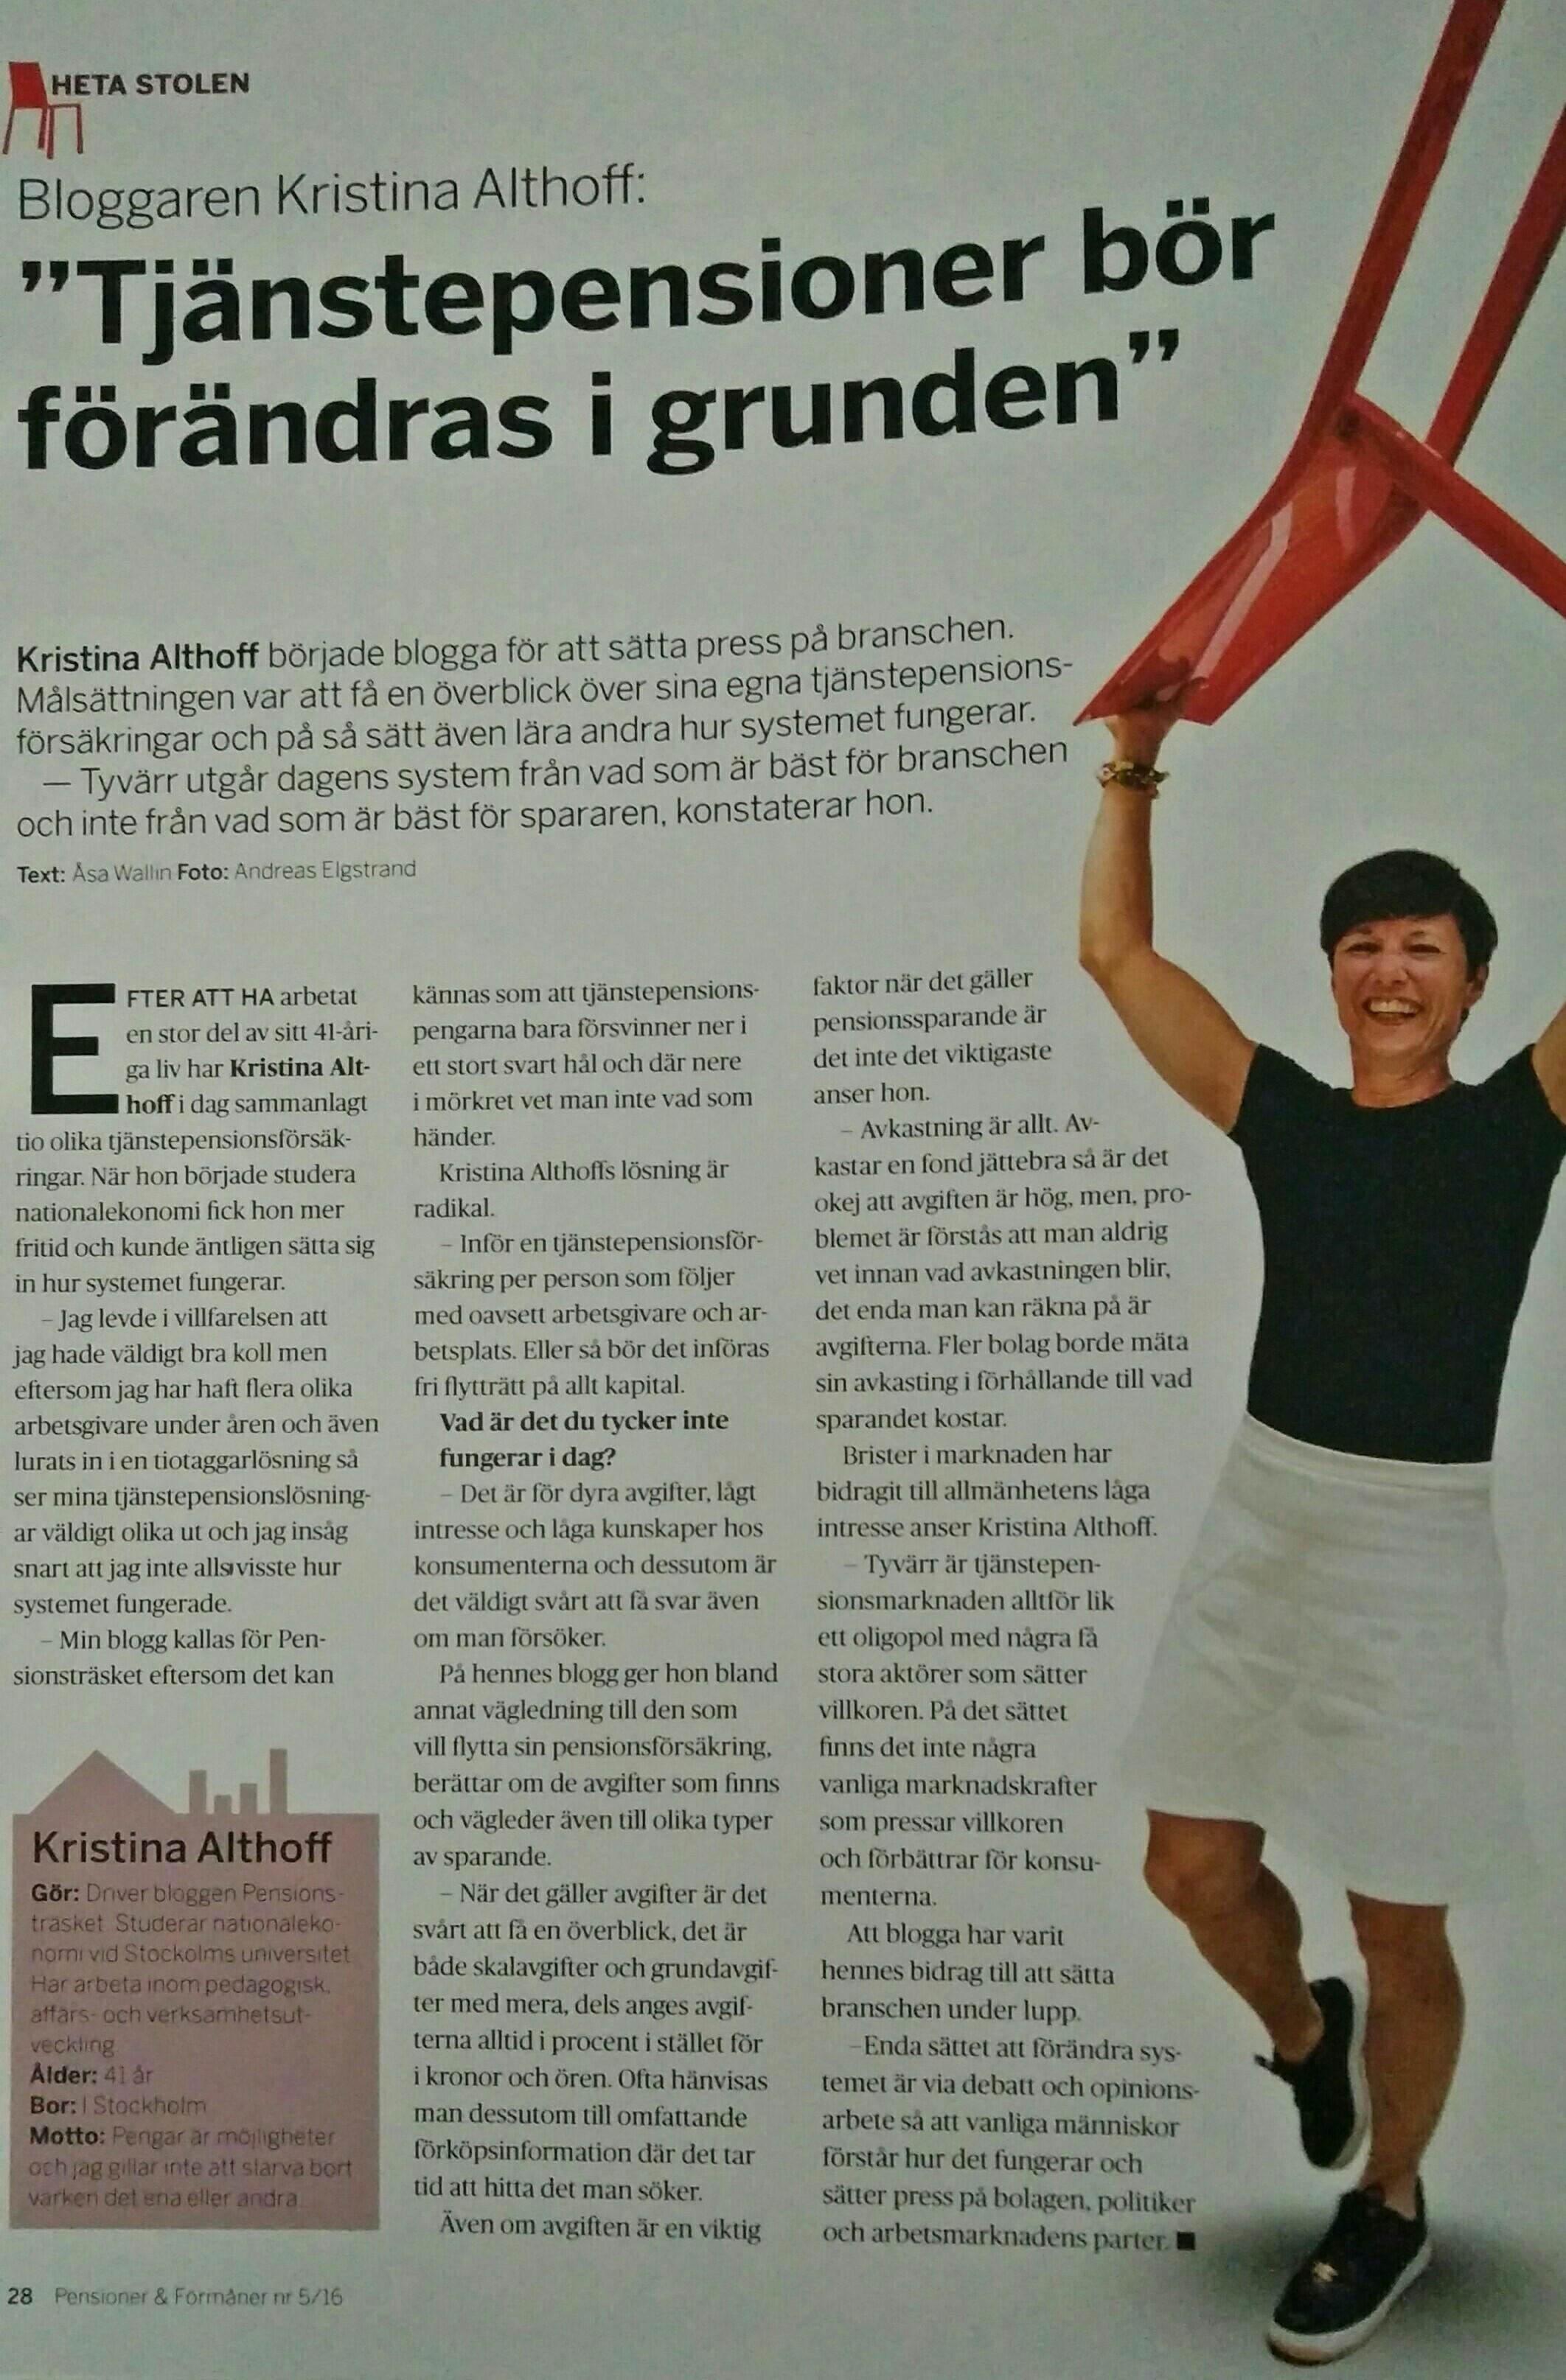 2016-05: Pensioner & Förmåner Heta Stolen